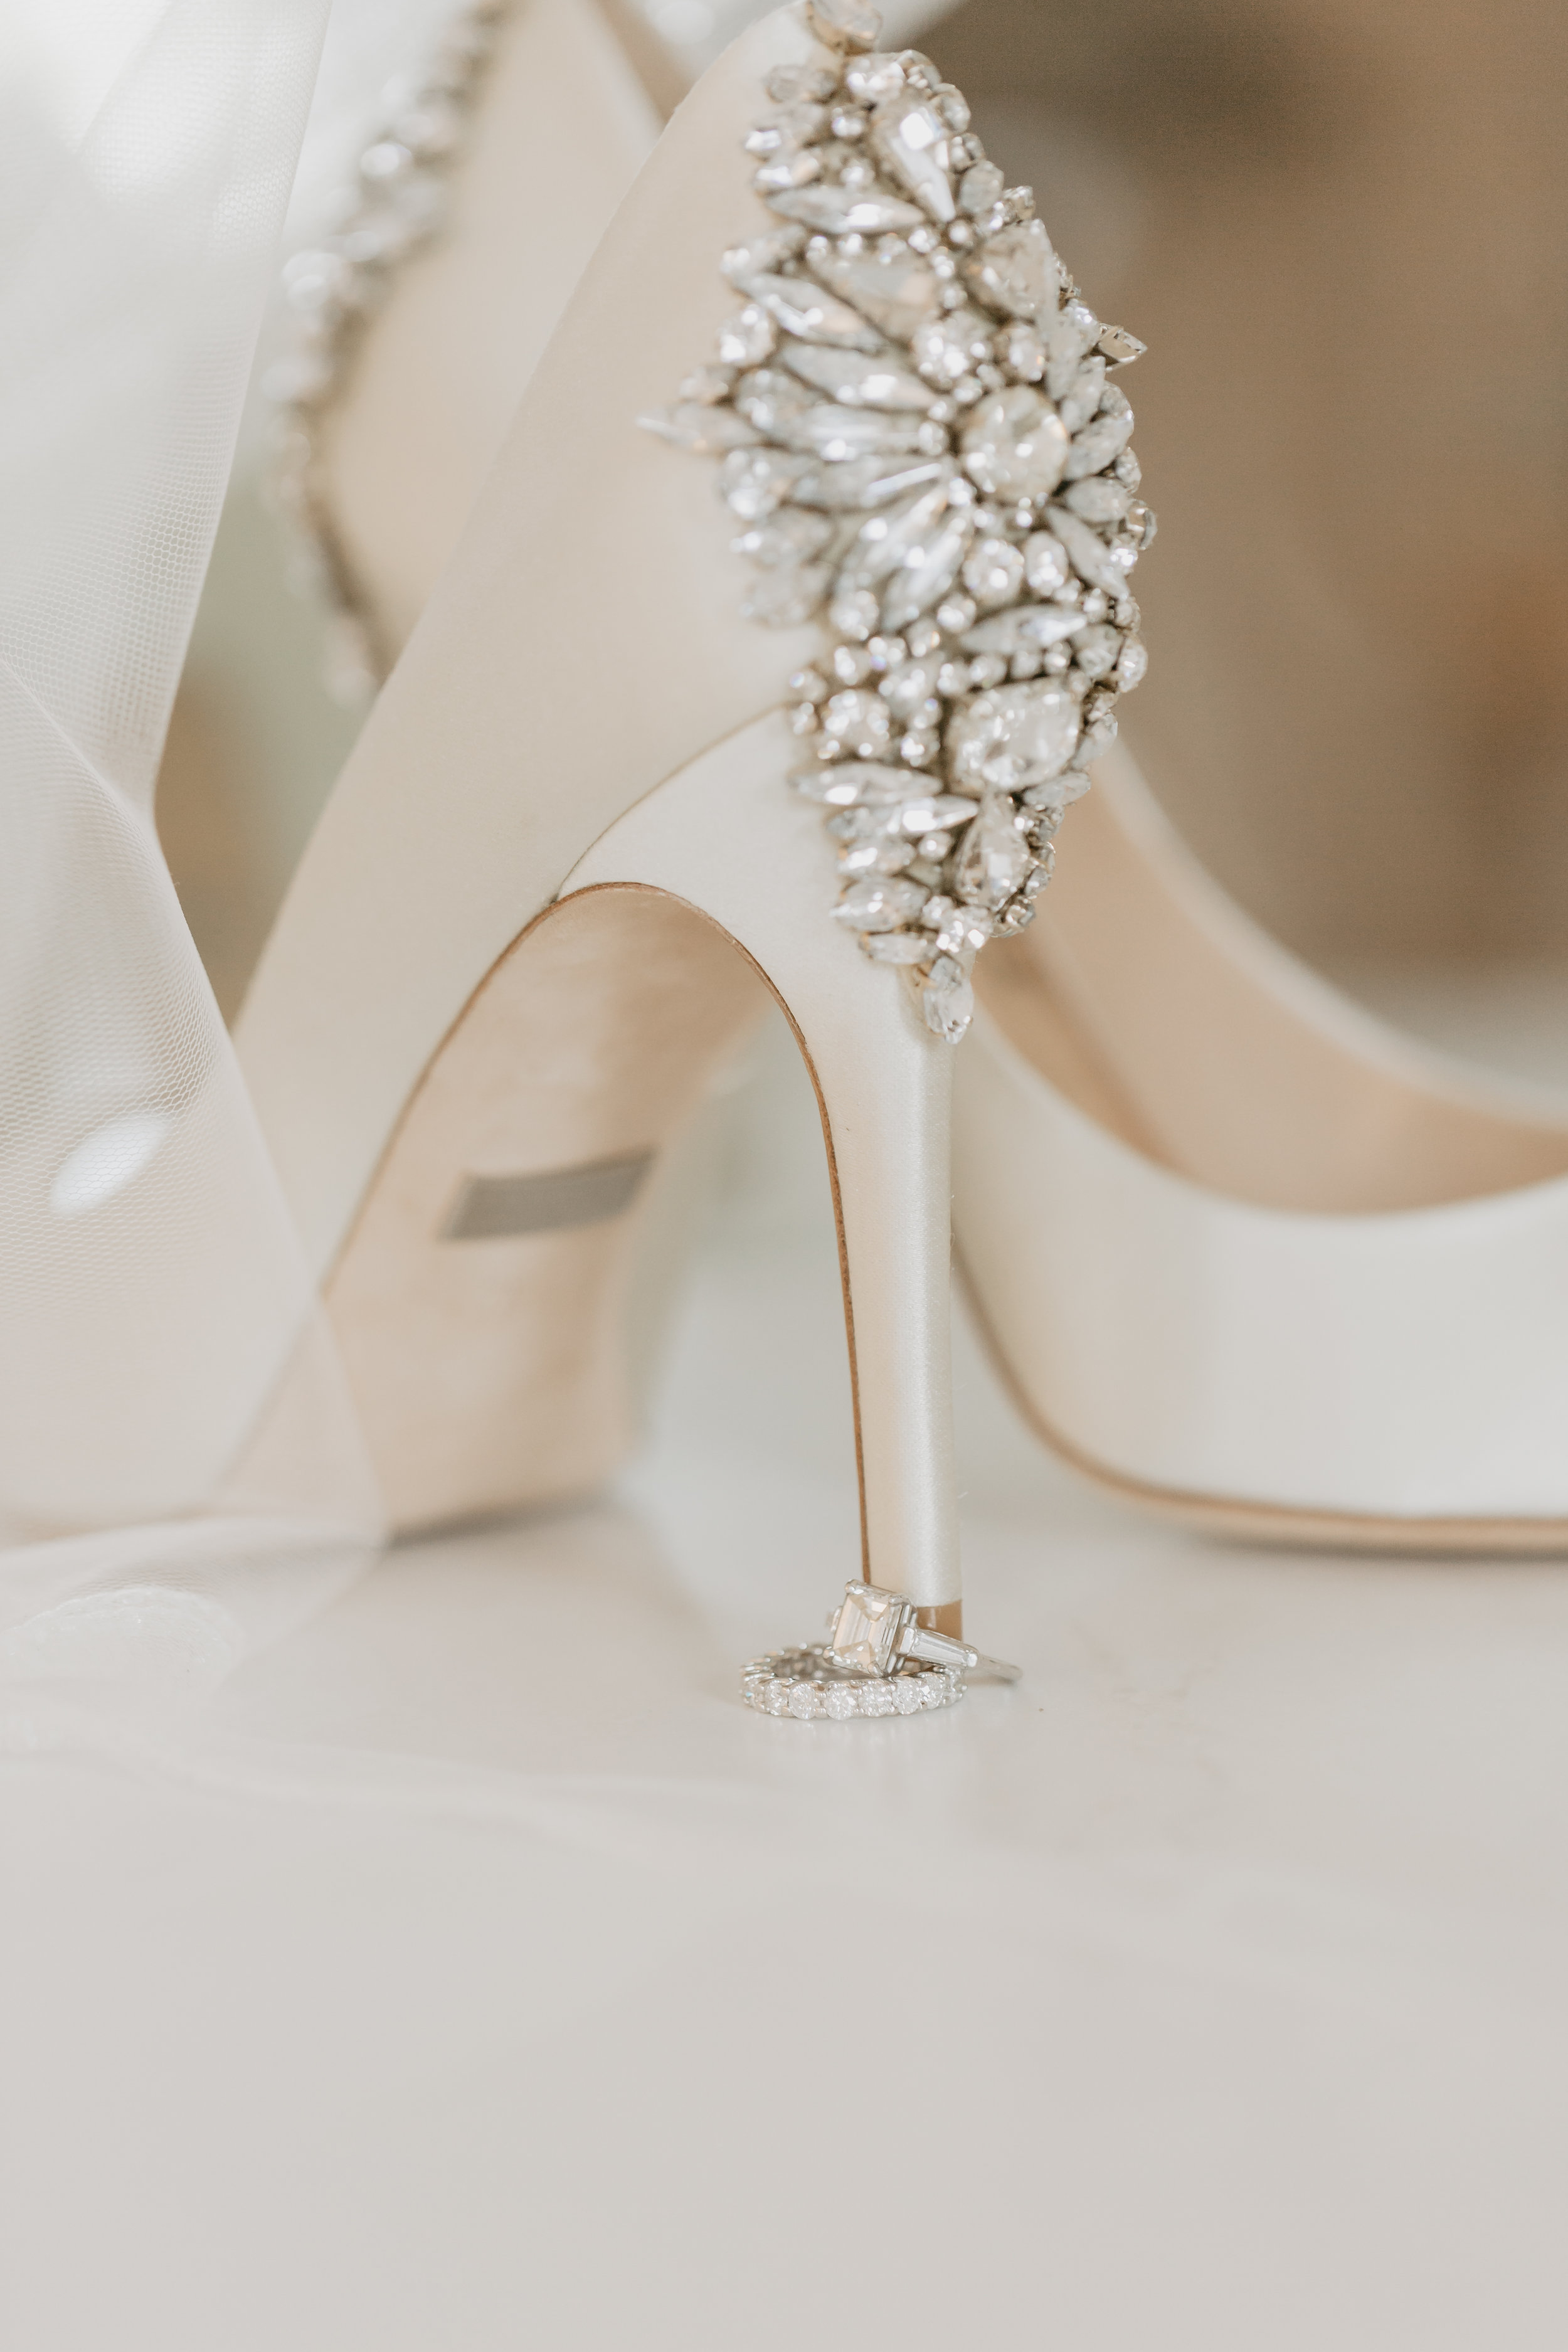 Luxury Wedding Heel